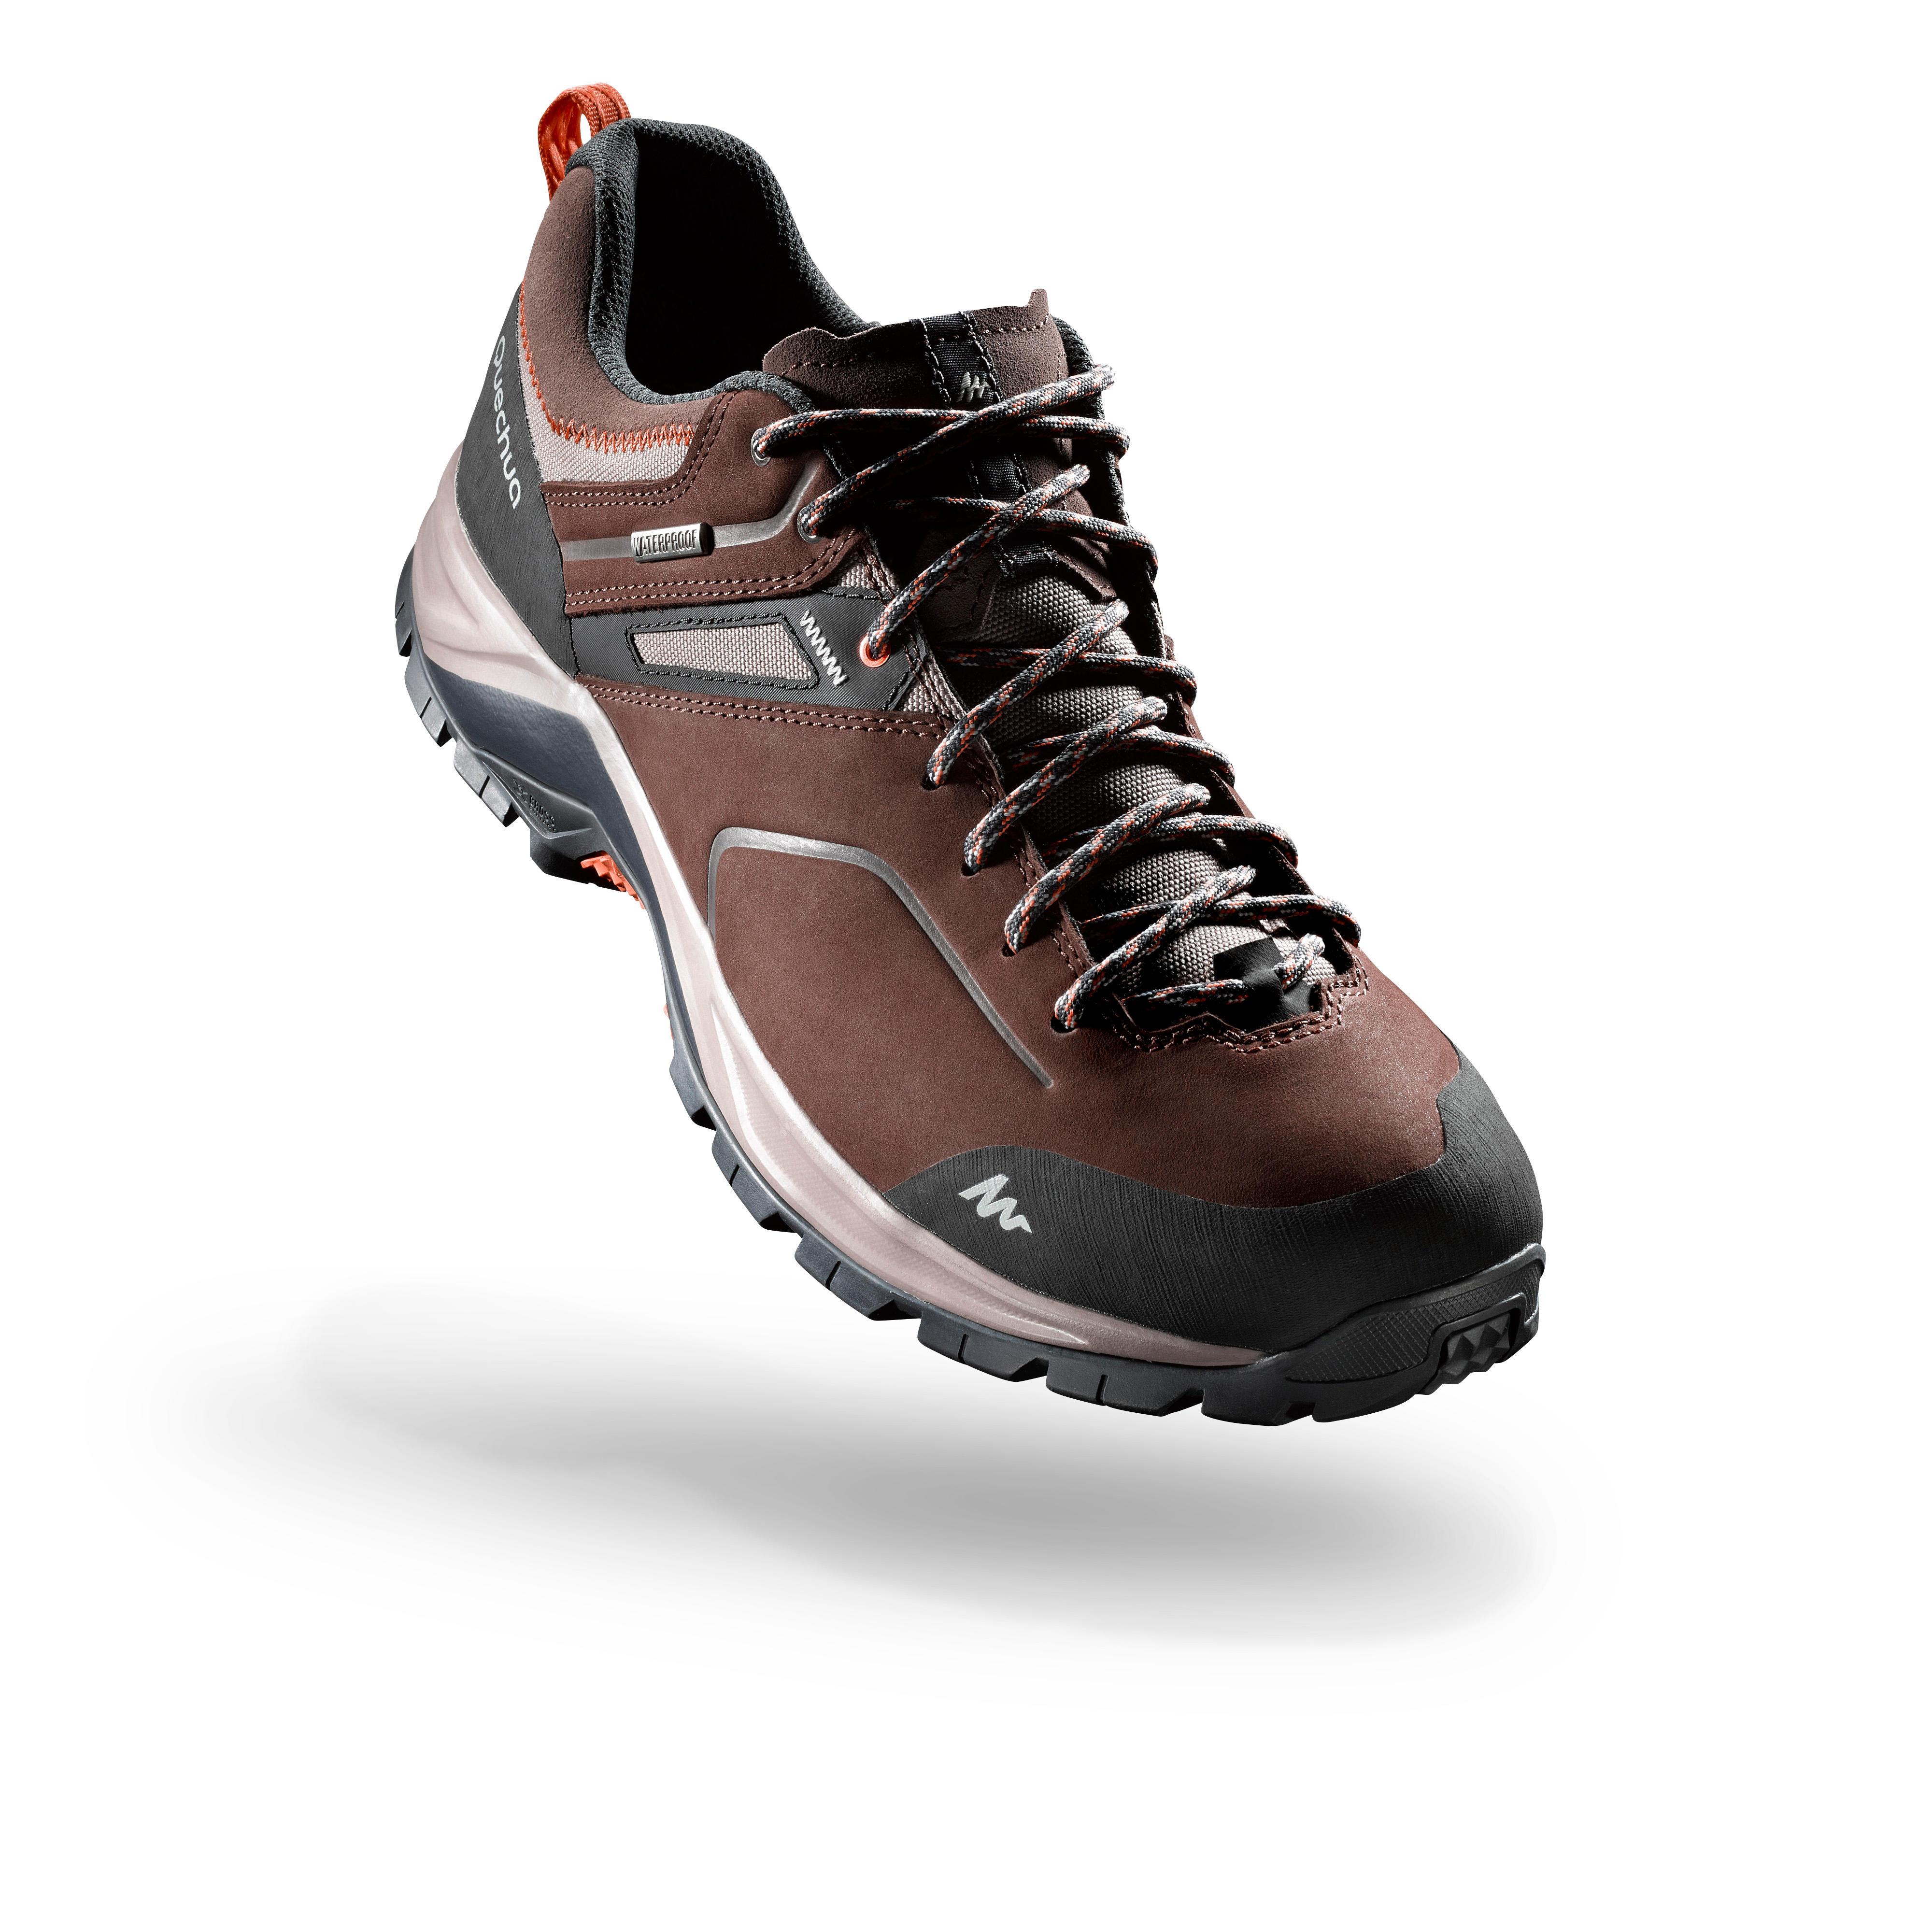 Chaussures de randonnée montagne homme Forclaz 500 imperméable Acajou